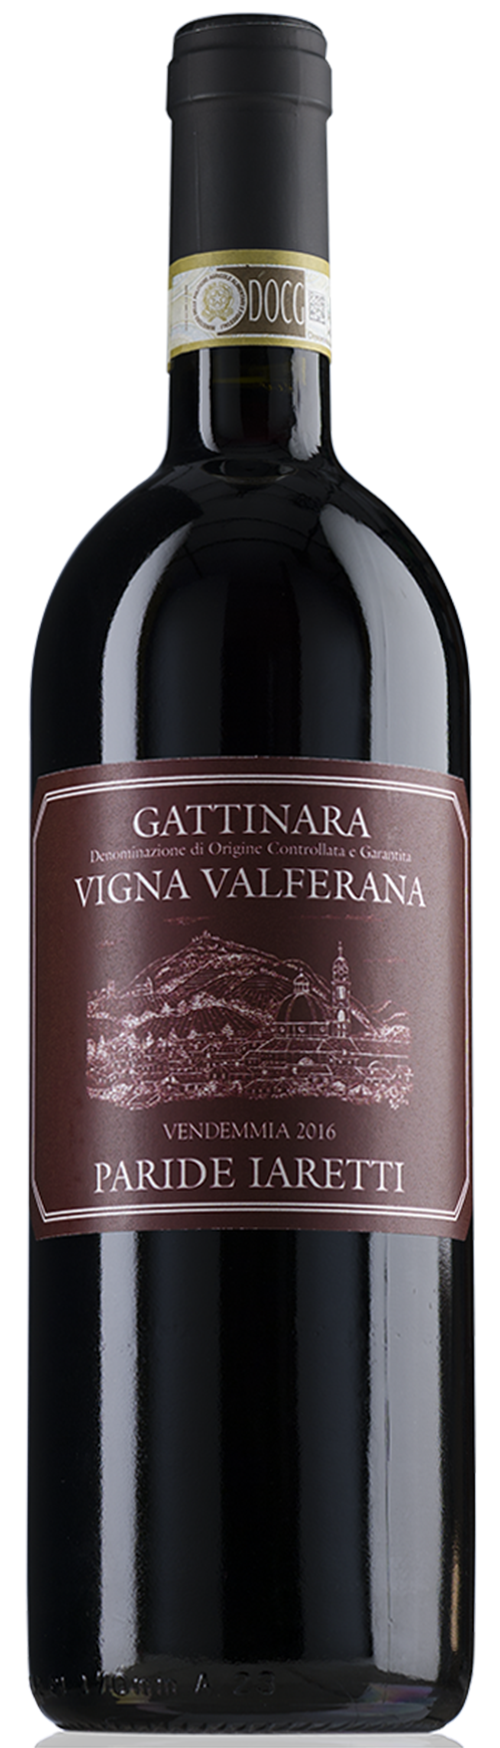 vino rosso Gattinara Nebbiolo Piemonte Vercelli Biella